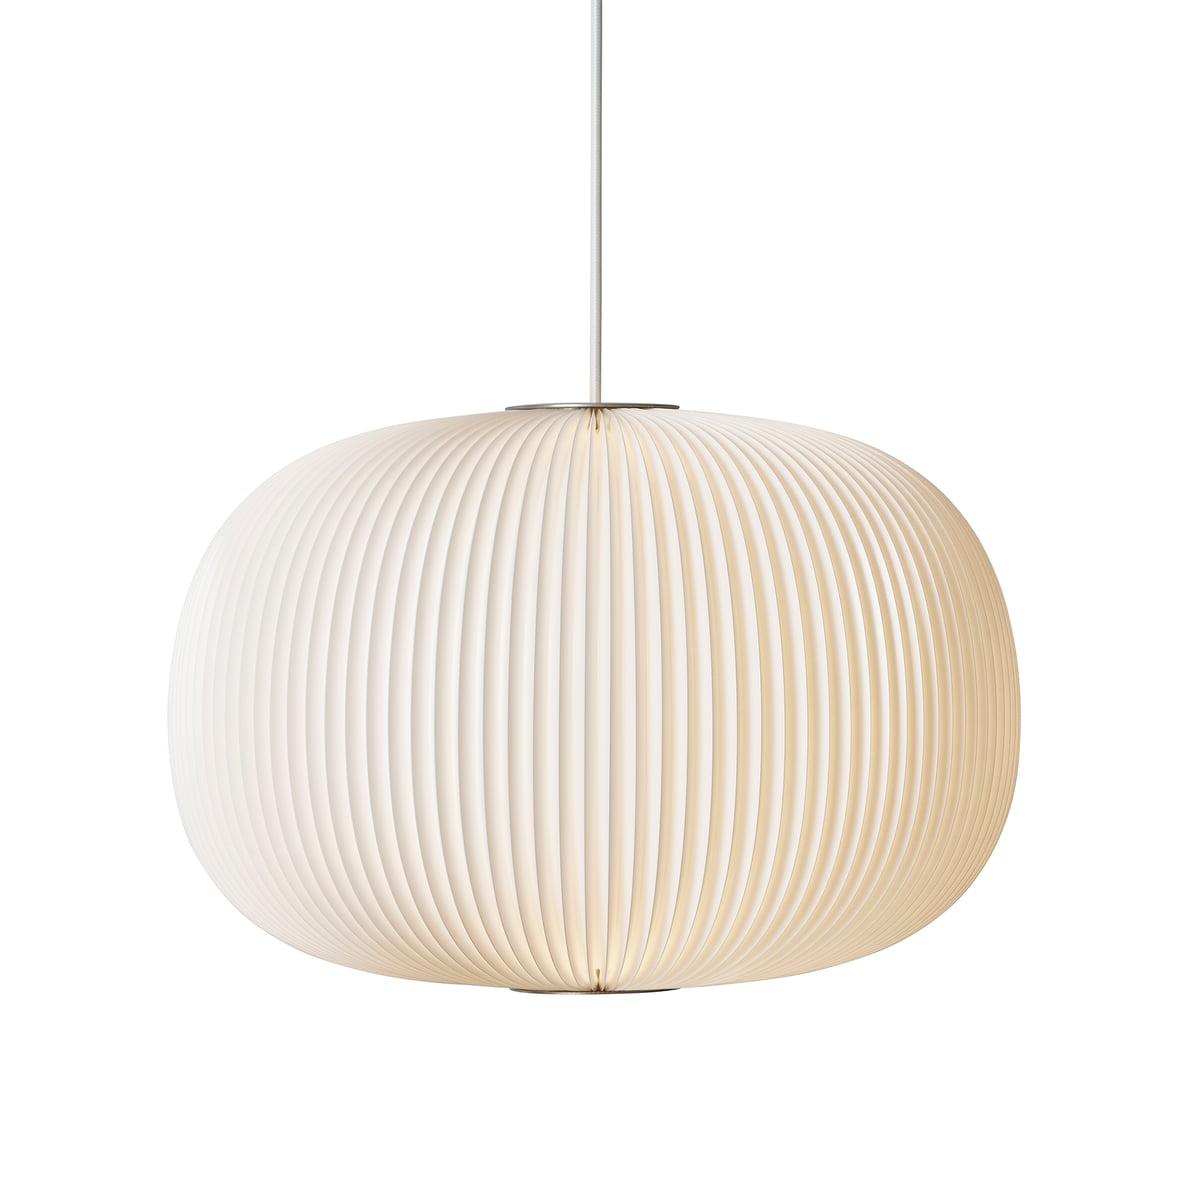 klint lighting. Lamella 1 Pendant Lamp Cm By Le Klint In White Klint Lighting